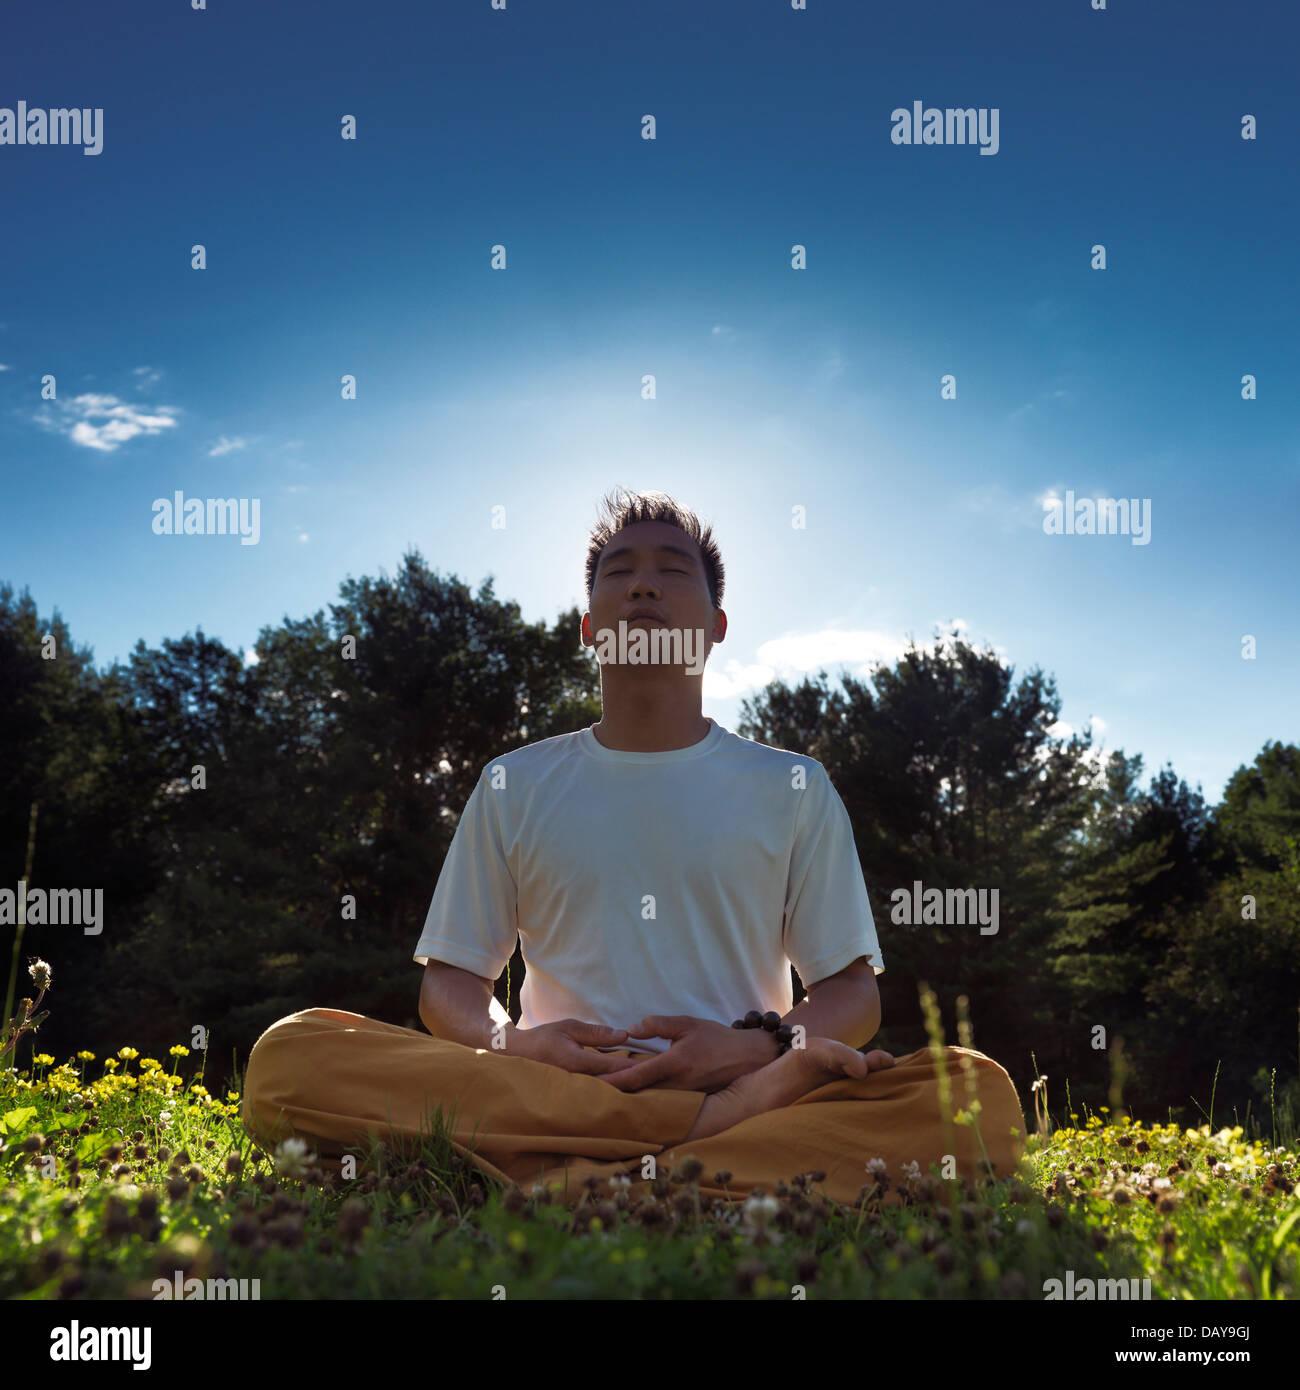 Chinese man meditating outdoors au lever du soleil, dans la nature, assis les jambes croisées sur l'herbe sous ciel Banque D'Images